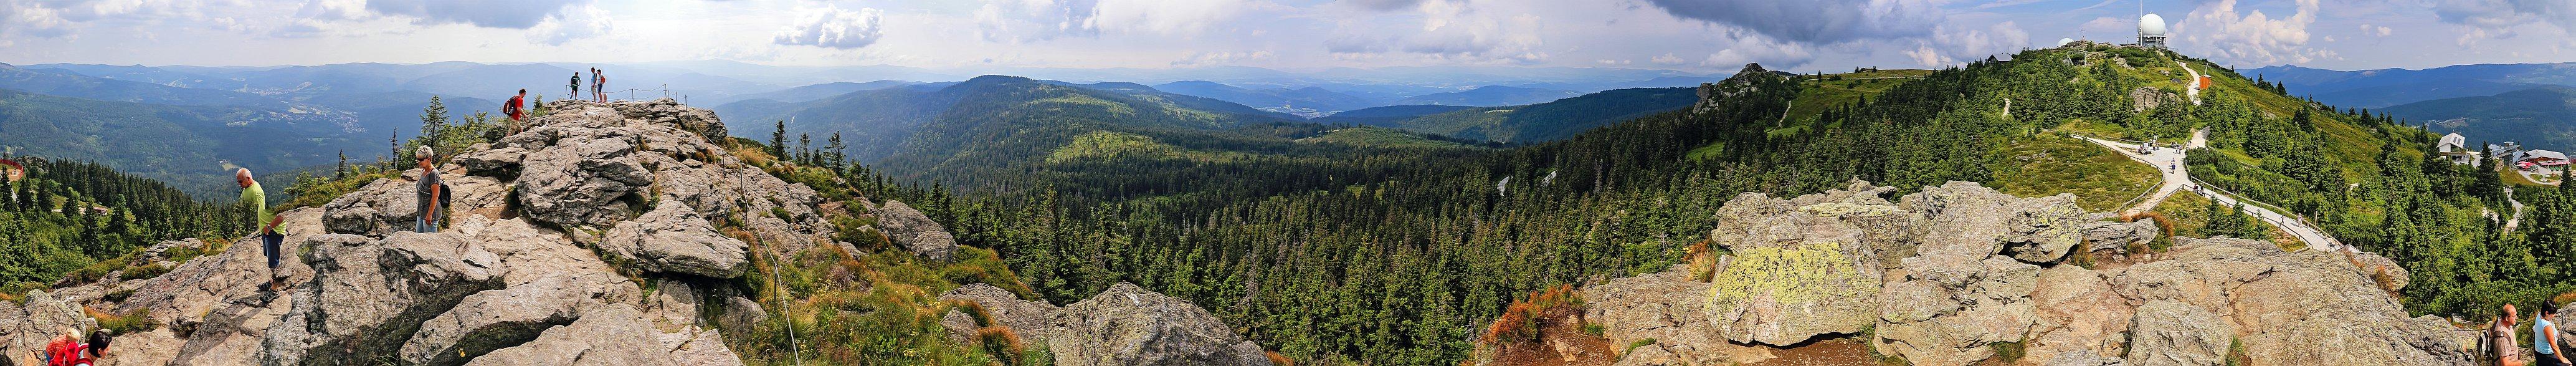 Urlaub 2016: Bayerischer Wald, Teil 2